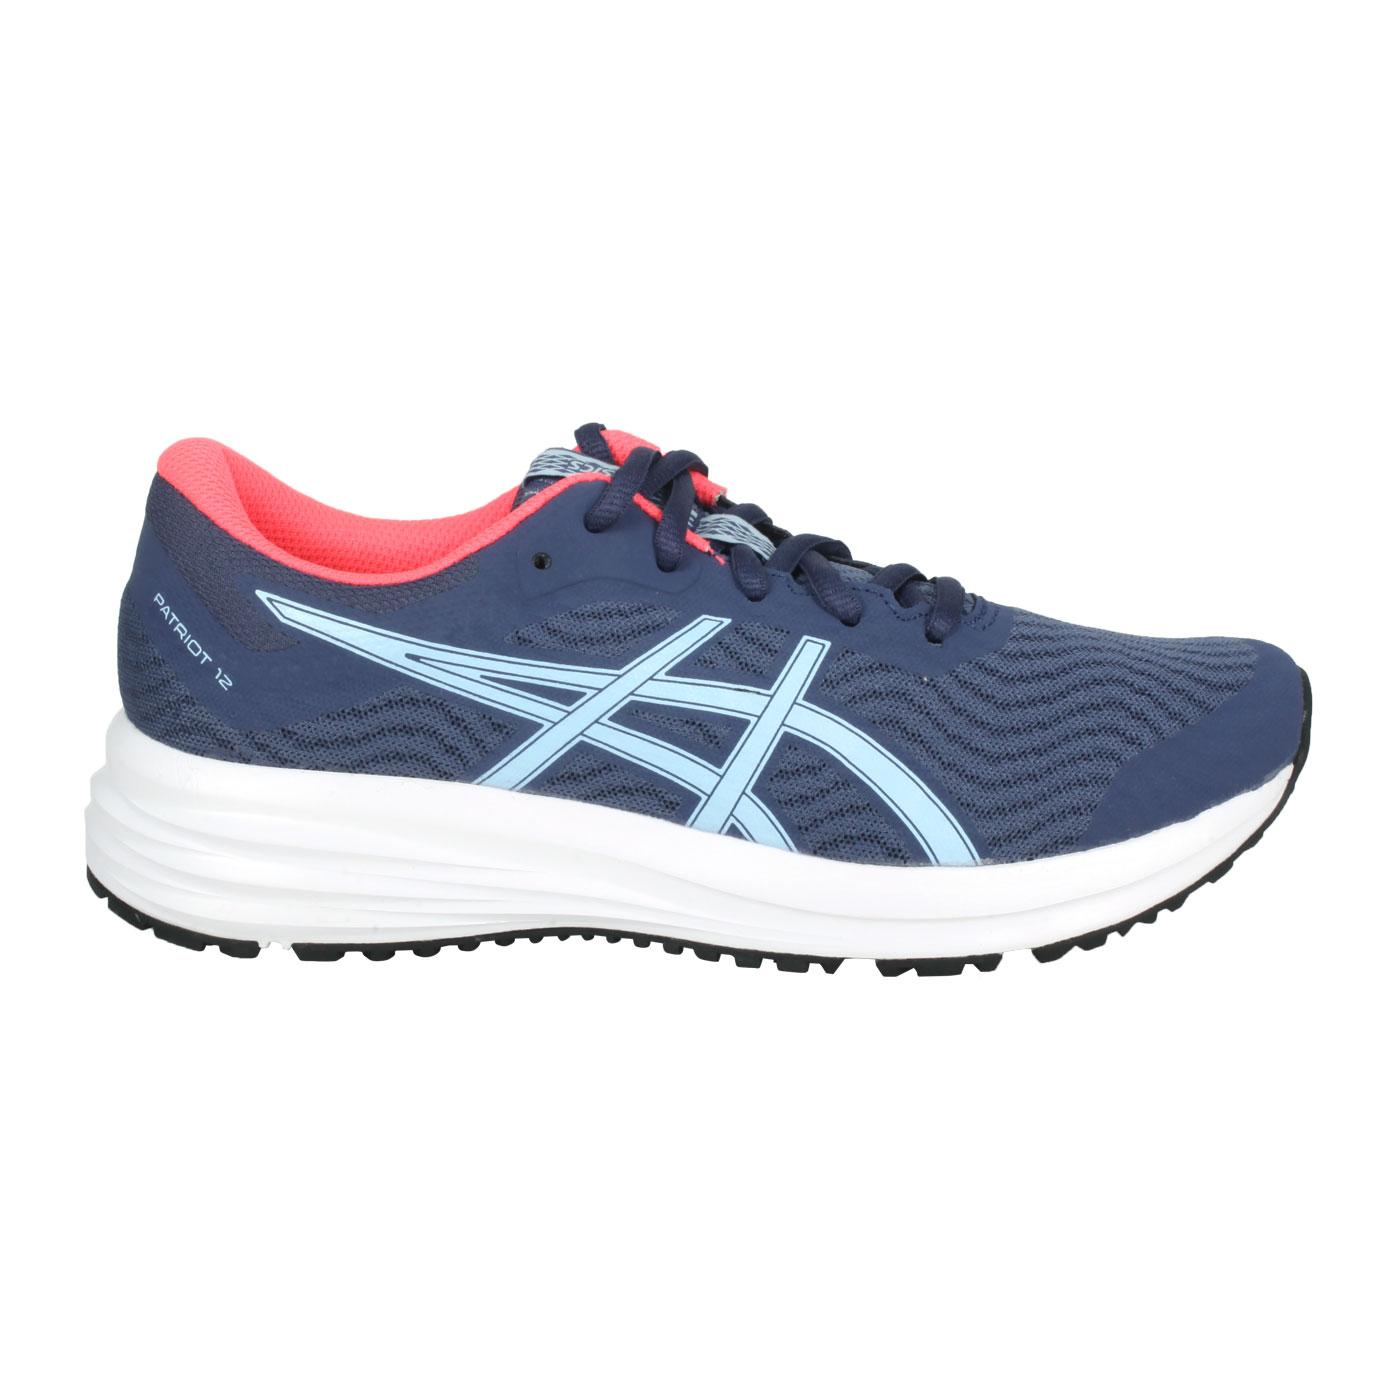 ASICS 女款慢跑鞋  @PATRIOT 12@1012A705-410